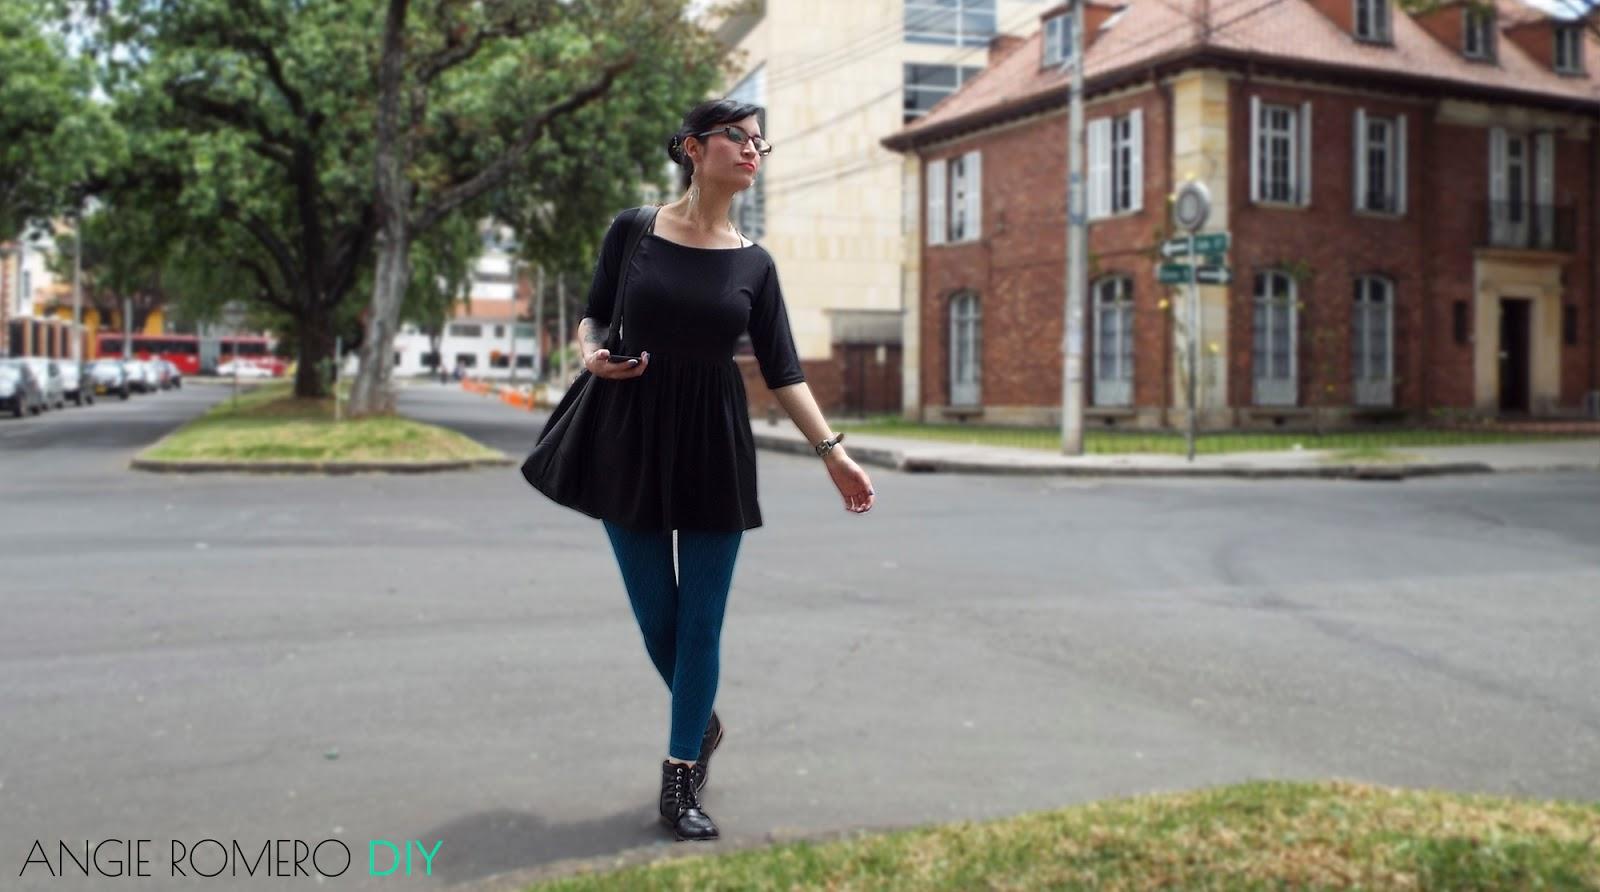 como hacer vestido rapido sin patrones